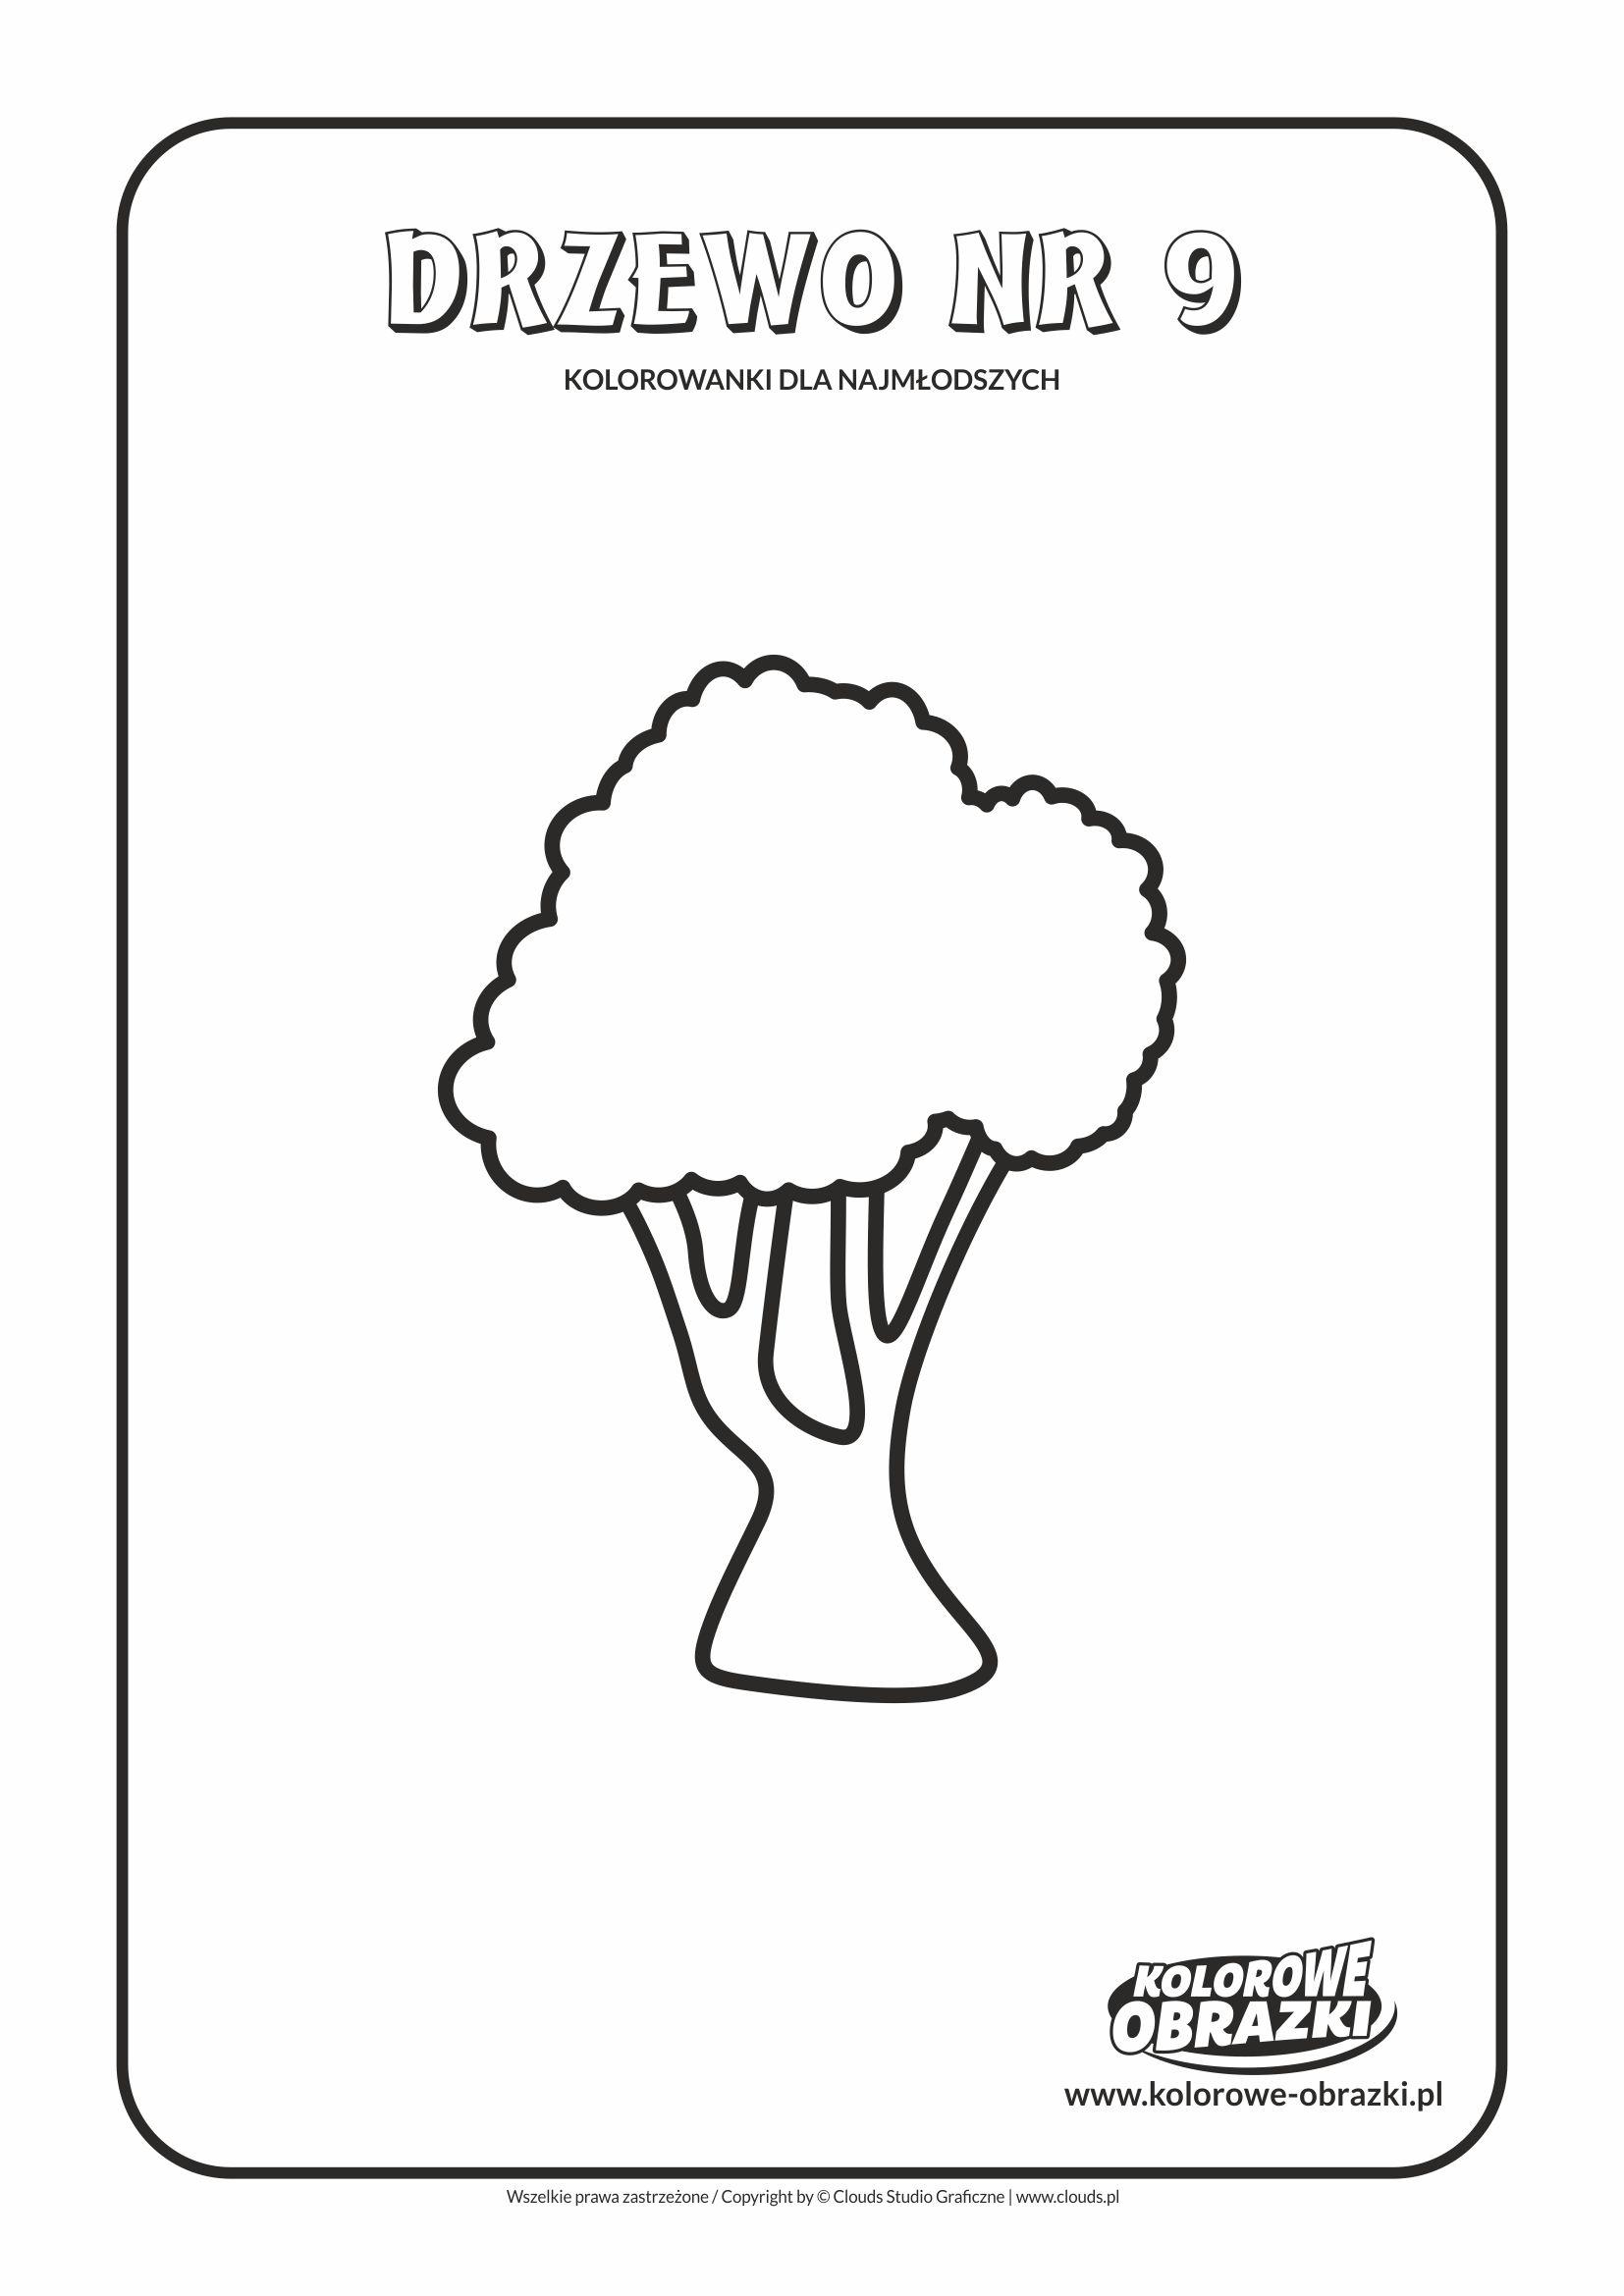 Proste kolorowanki dla najmłodszych - Drzewa / Drzewo nr 9. Kolorowanka z drzewem